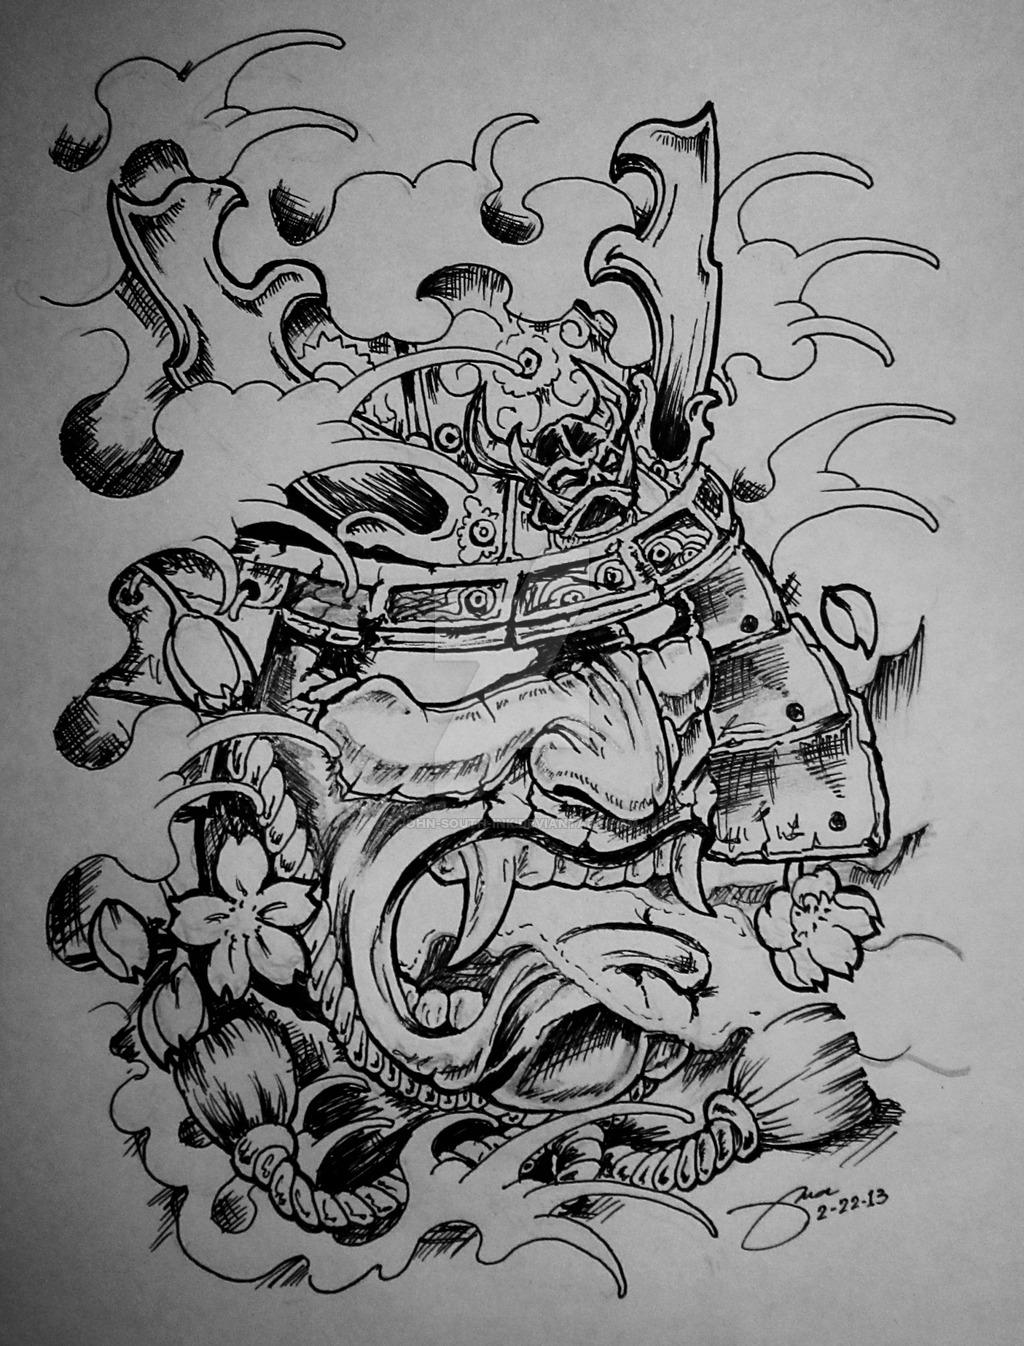 Drawn samurai samurai mask South by john samurai by